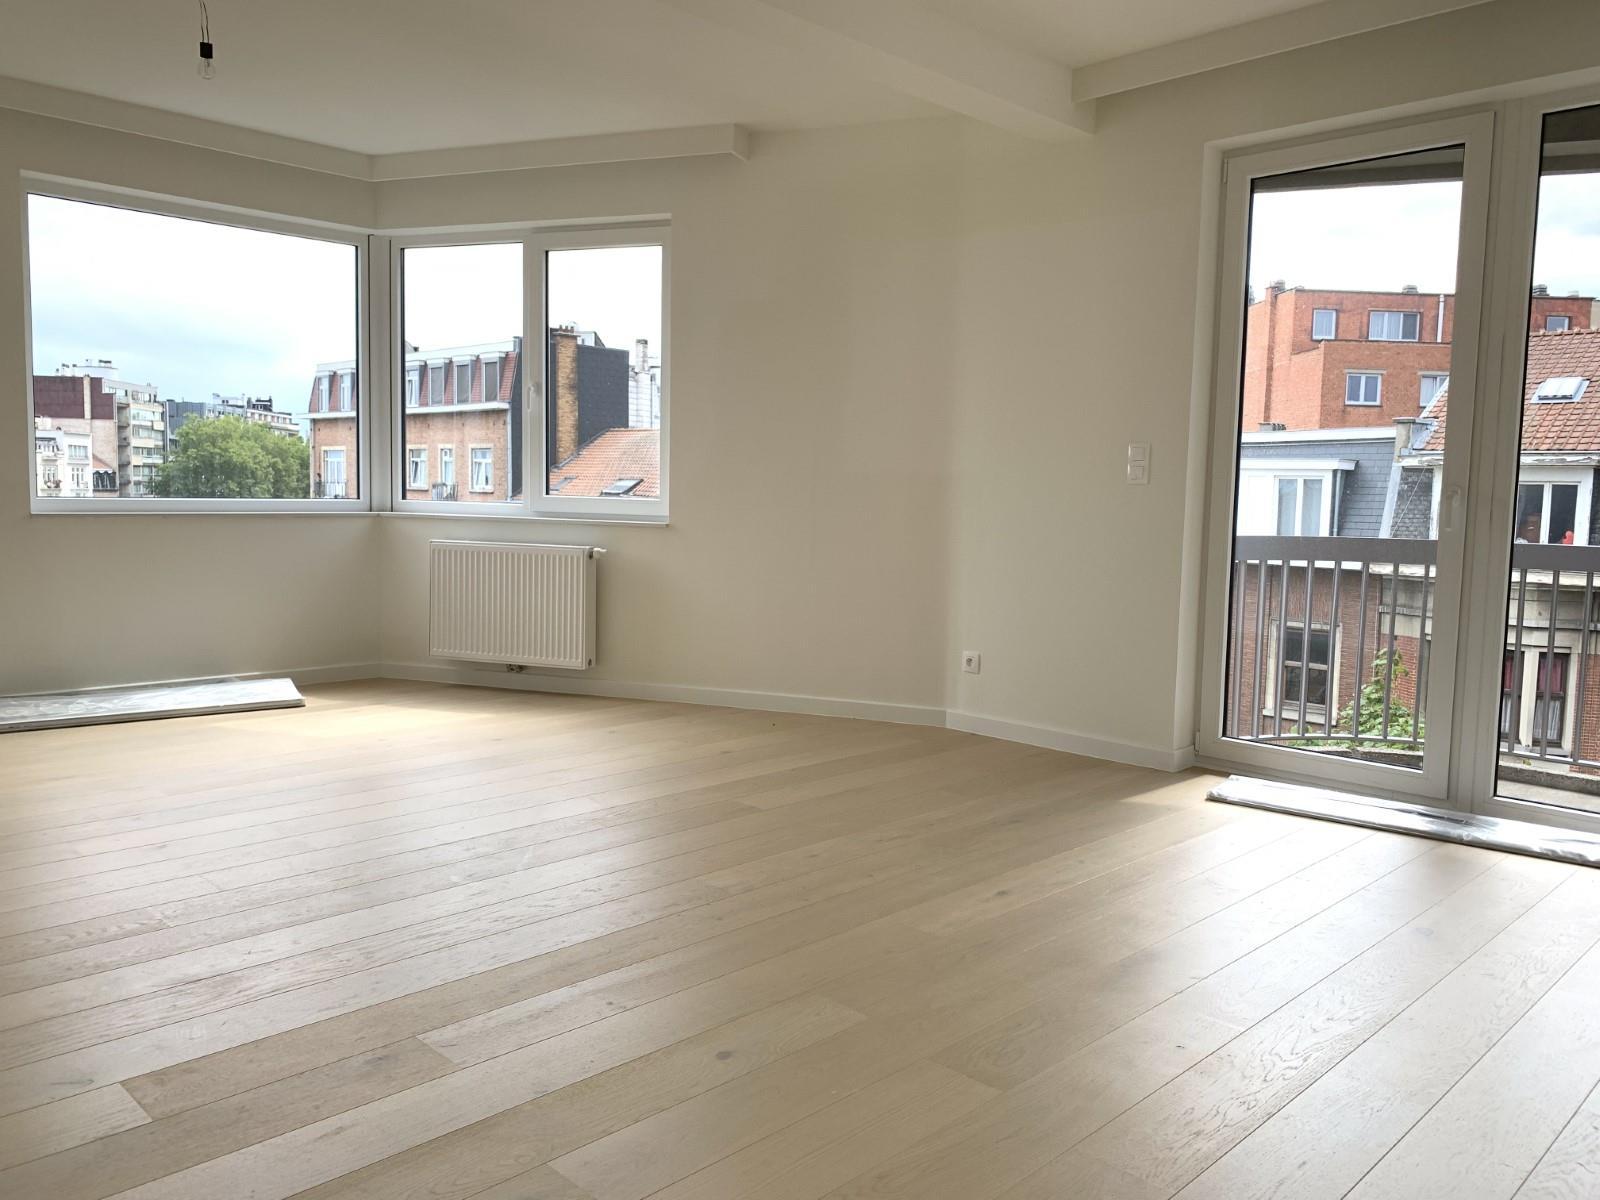 Uitzonderlijk appartement - Schaerbeek - #3964876-11